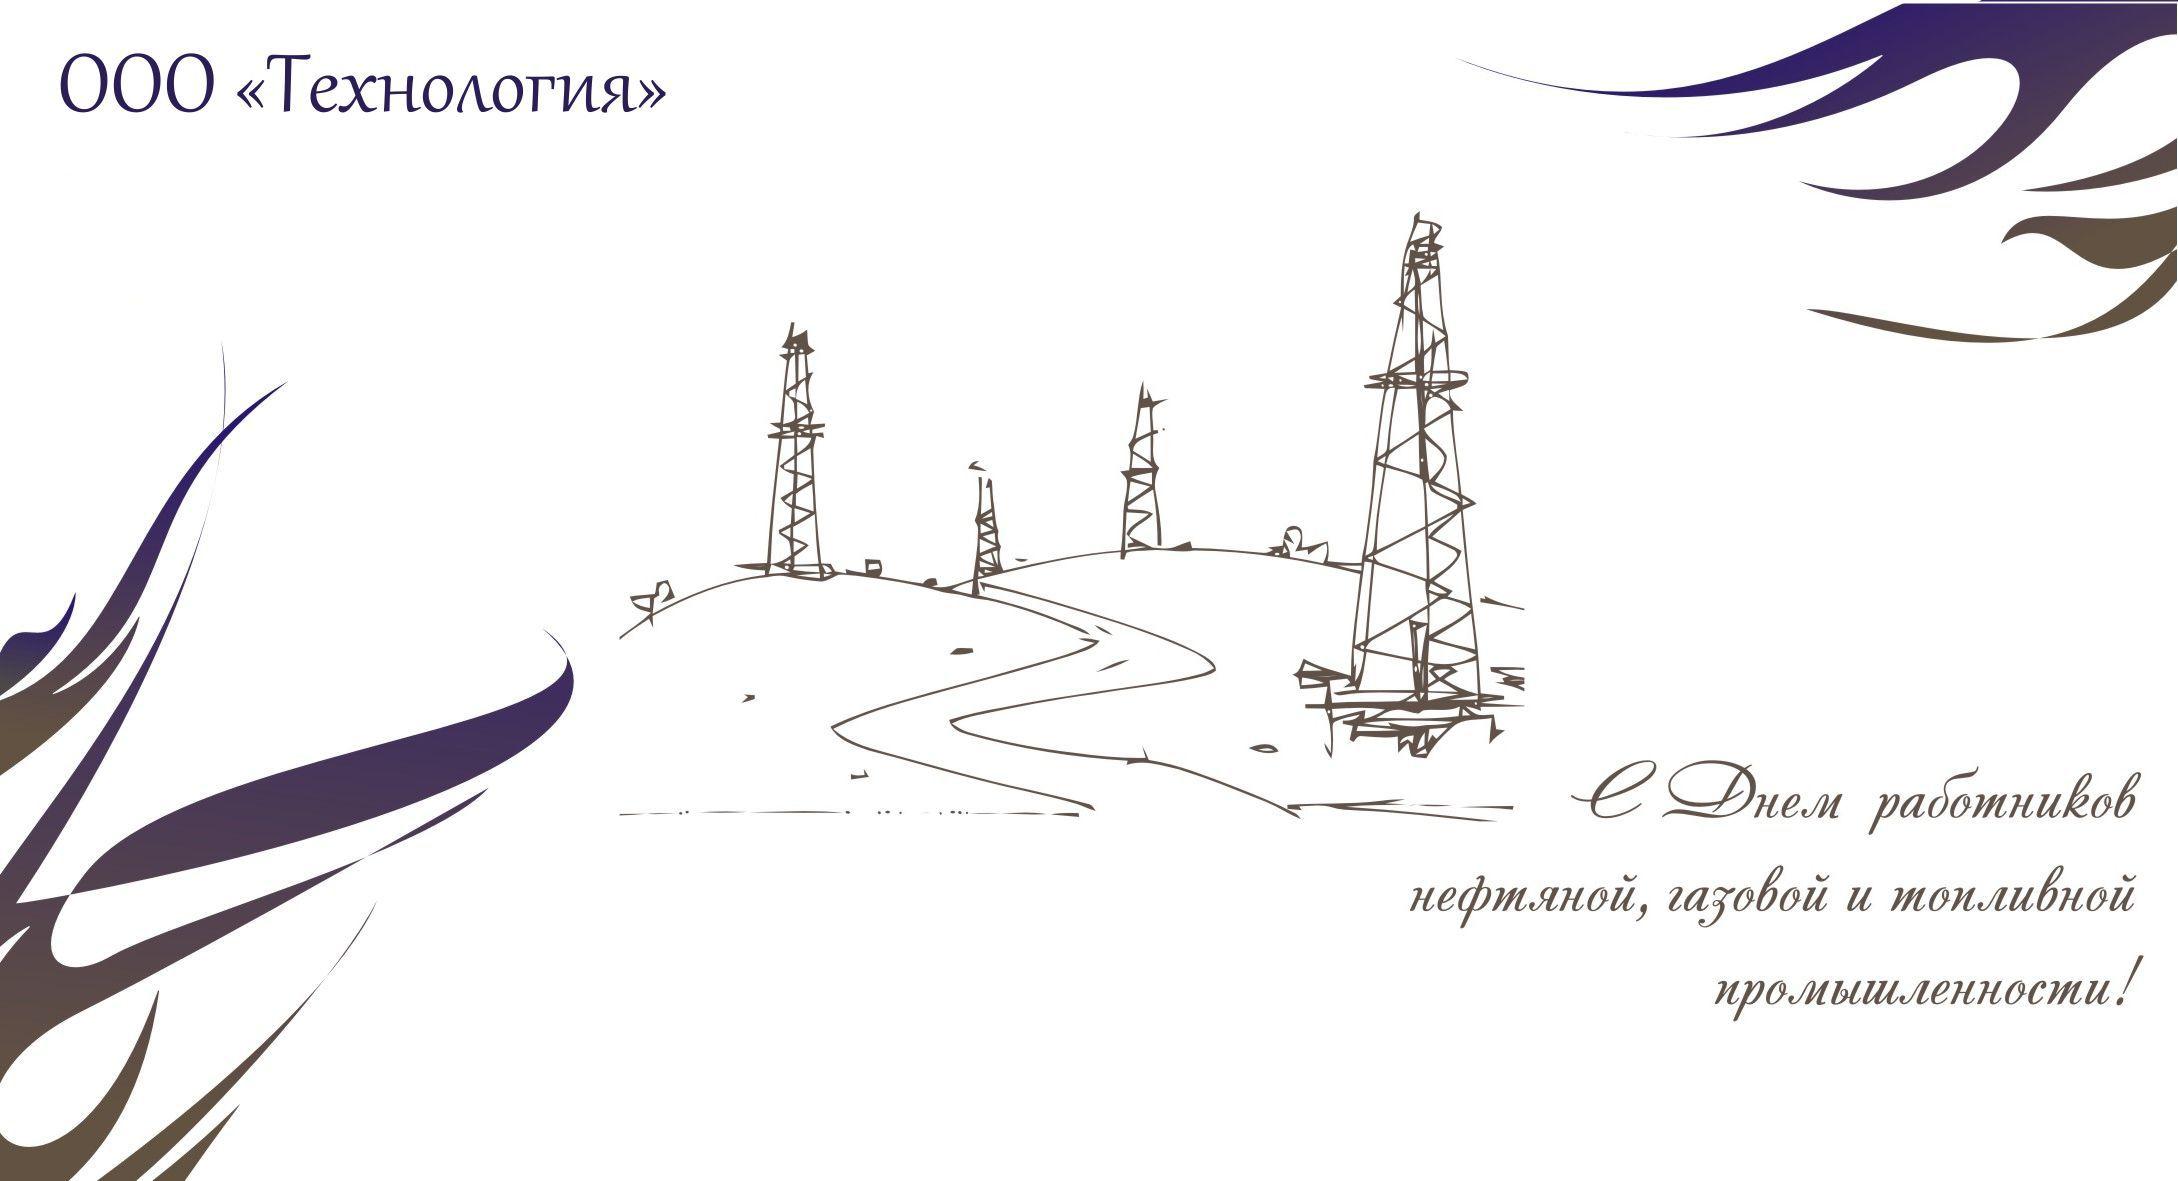 День работников нефтяной, газовой и топливной промышленности. С праздником вас